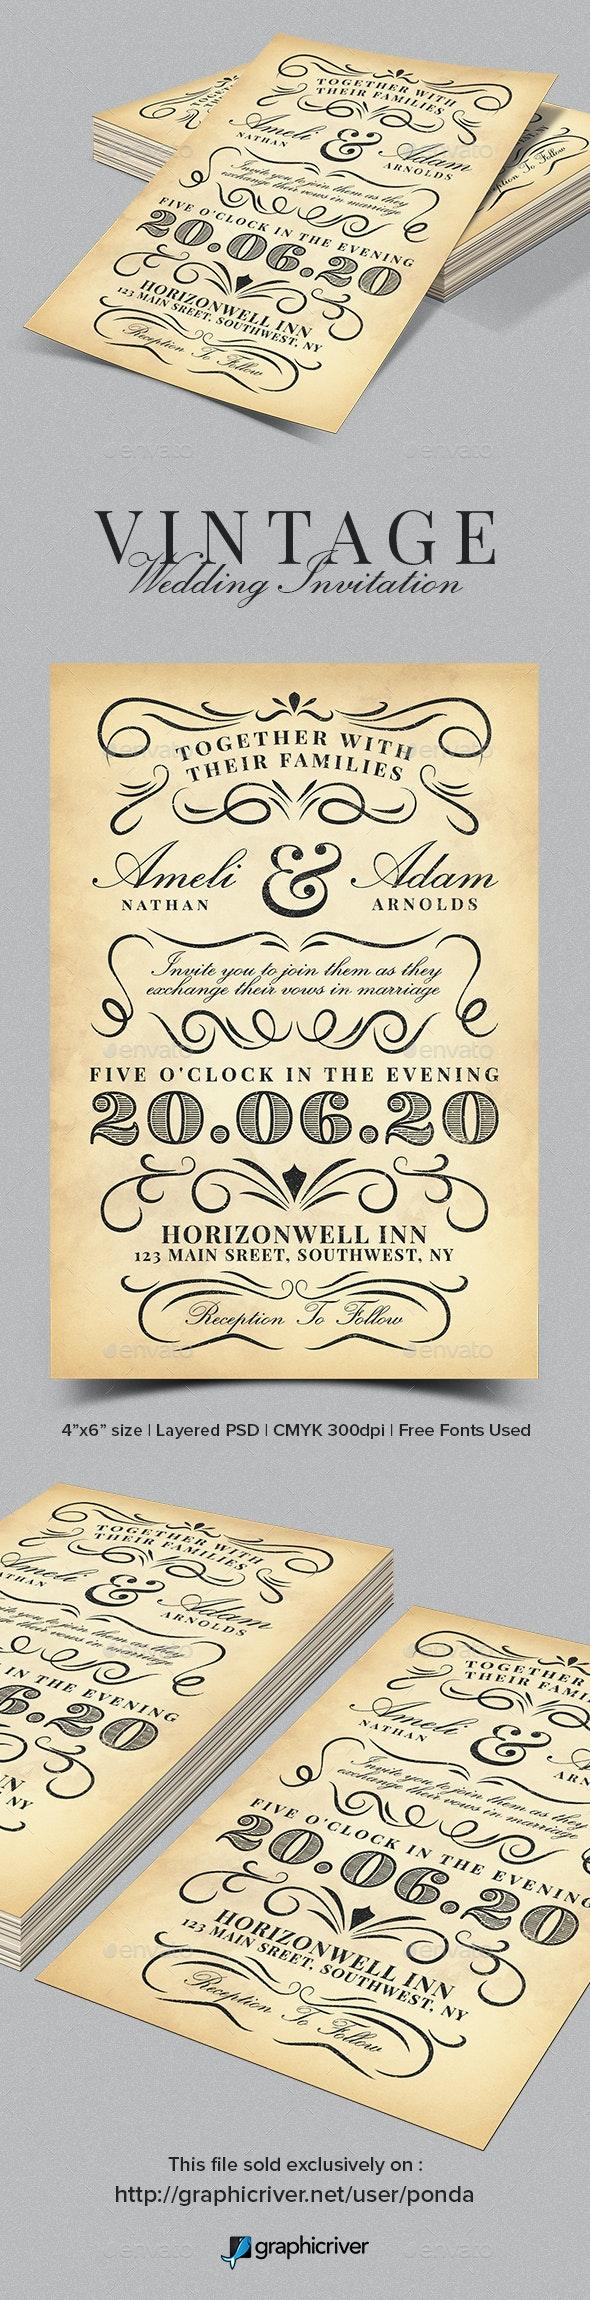 Vintage Wedding Invitation Template - Weddings Cards & Invites